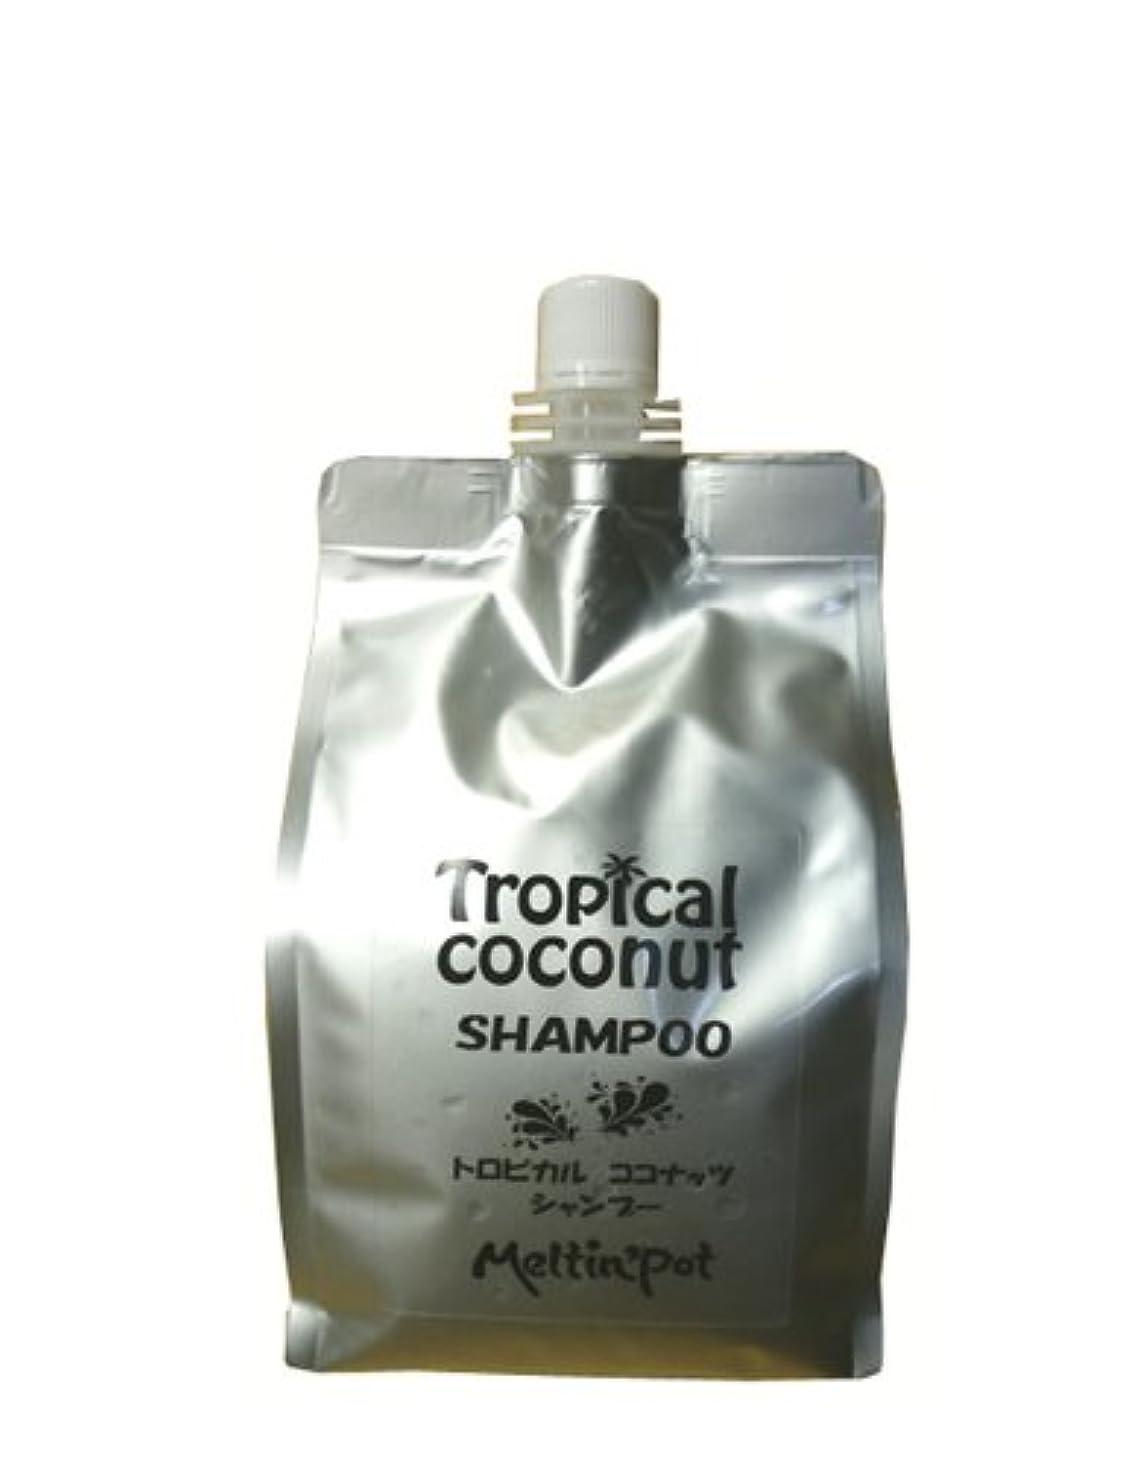 カメ表面的な最大化するトロピカルココナッツ シャンプー 詰め替え 1000ml  Tropical coconut shampoo